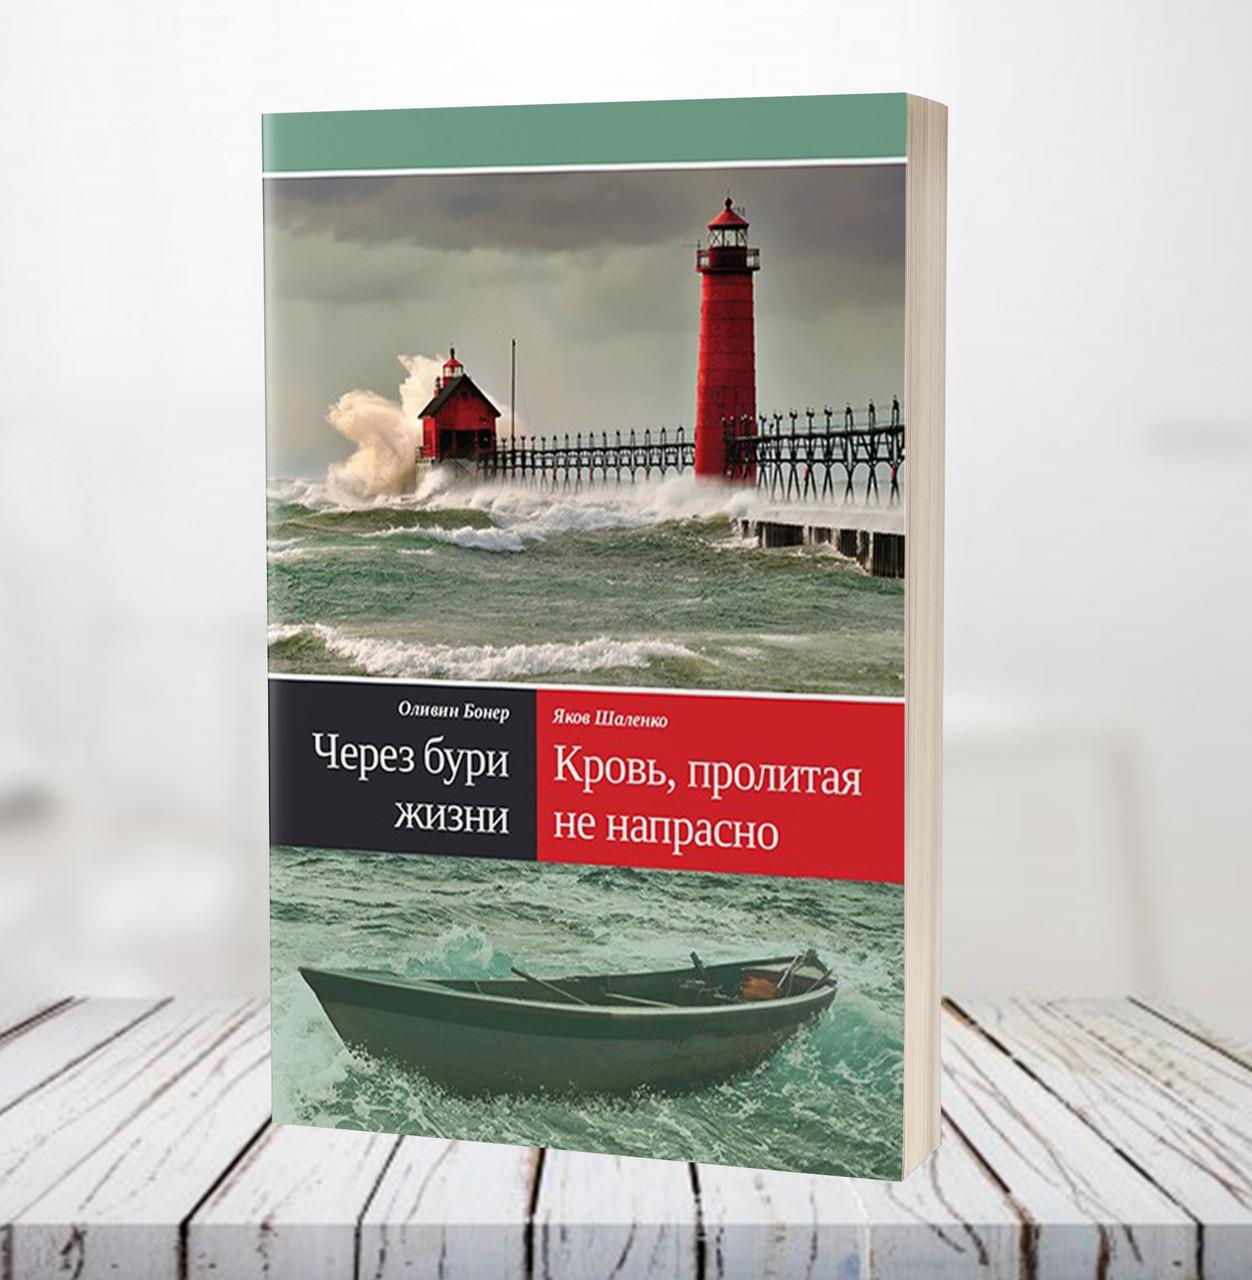 Через бури жизни – Оливин Бонер, Яков Шаленко